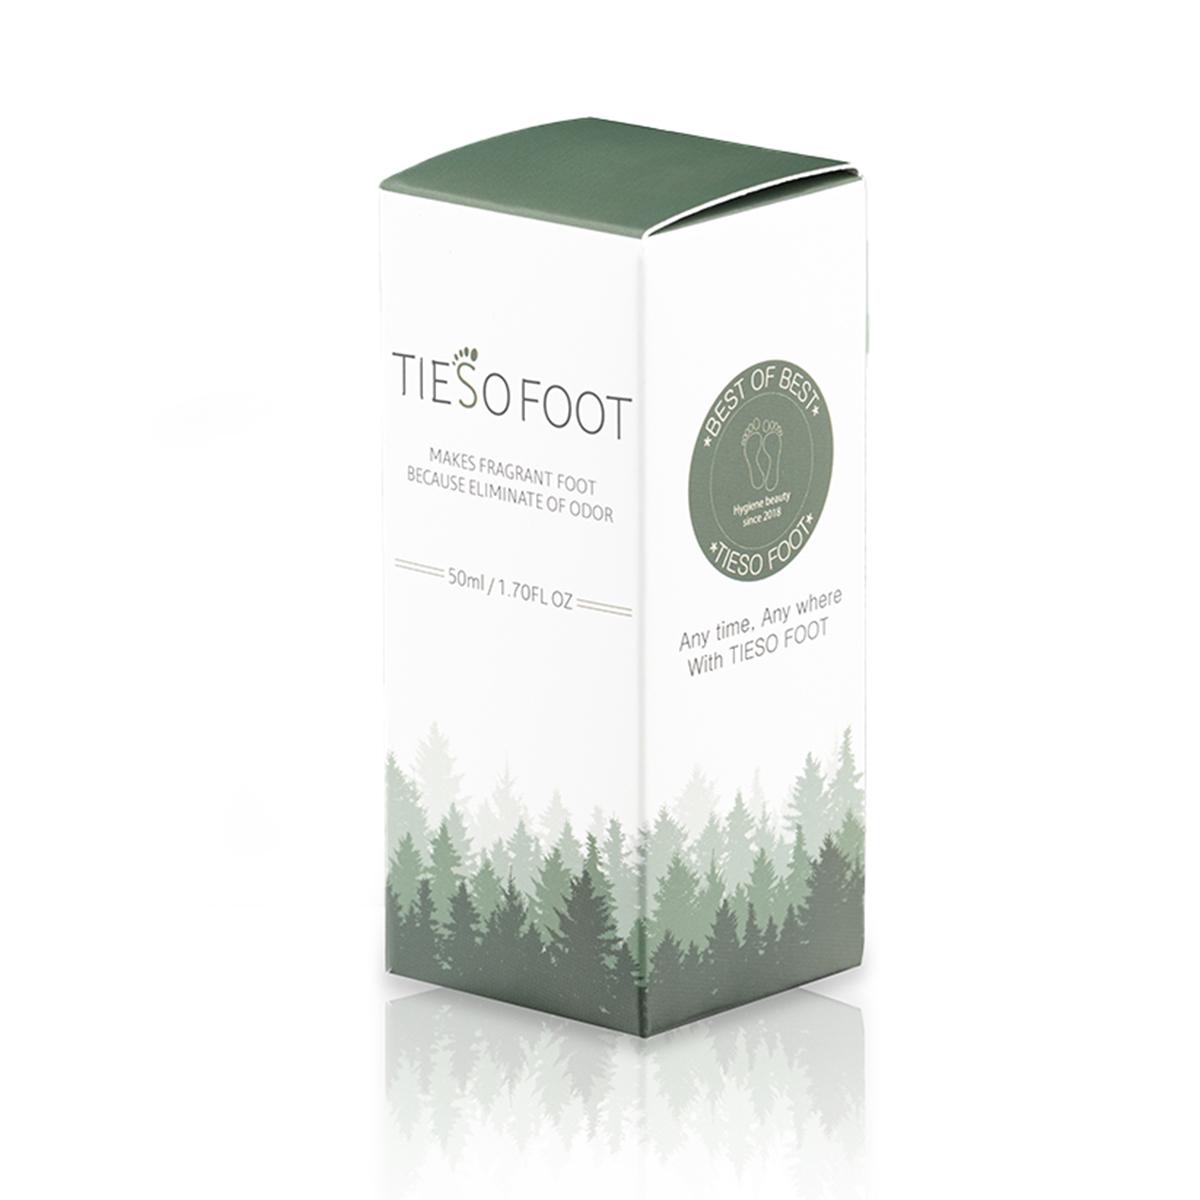 Xịt Khử Mùi Hôi Chân Cao Cấp Tieso Foot Spray Từ Hàn Quốc Dung Tích 50ml